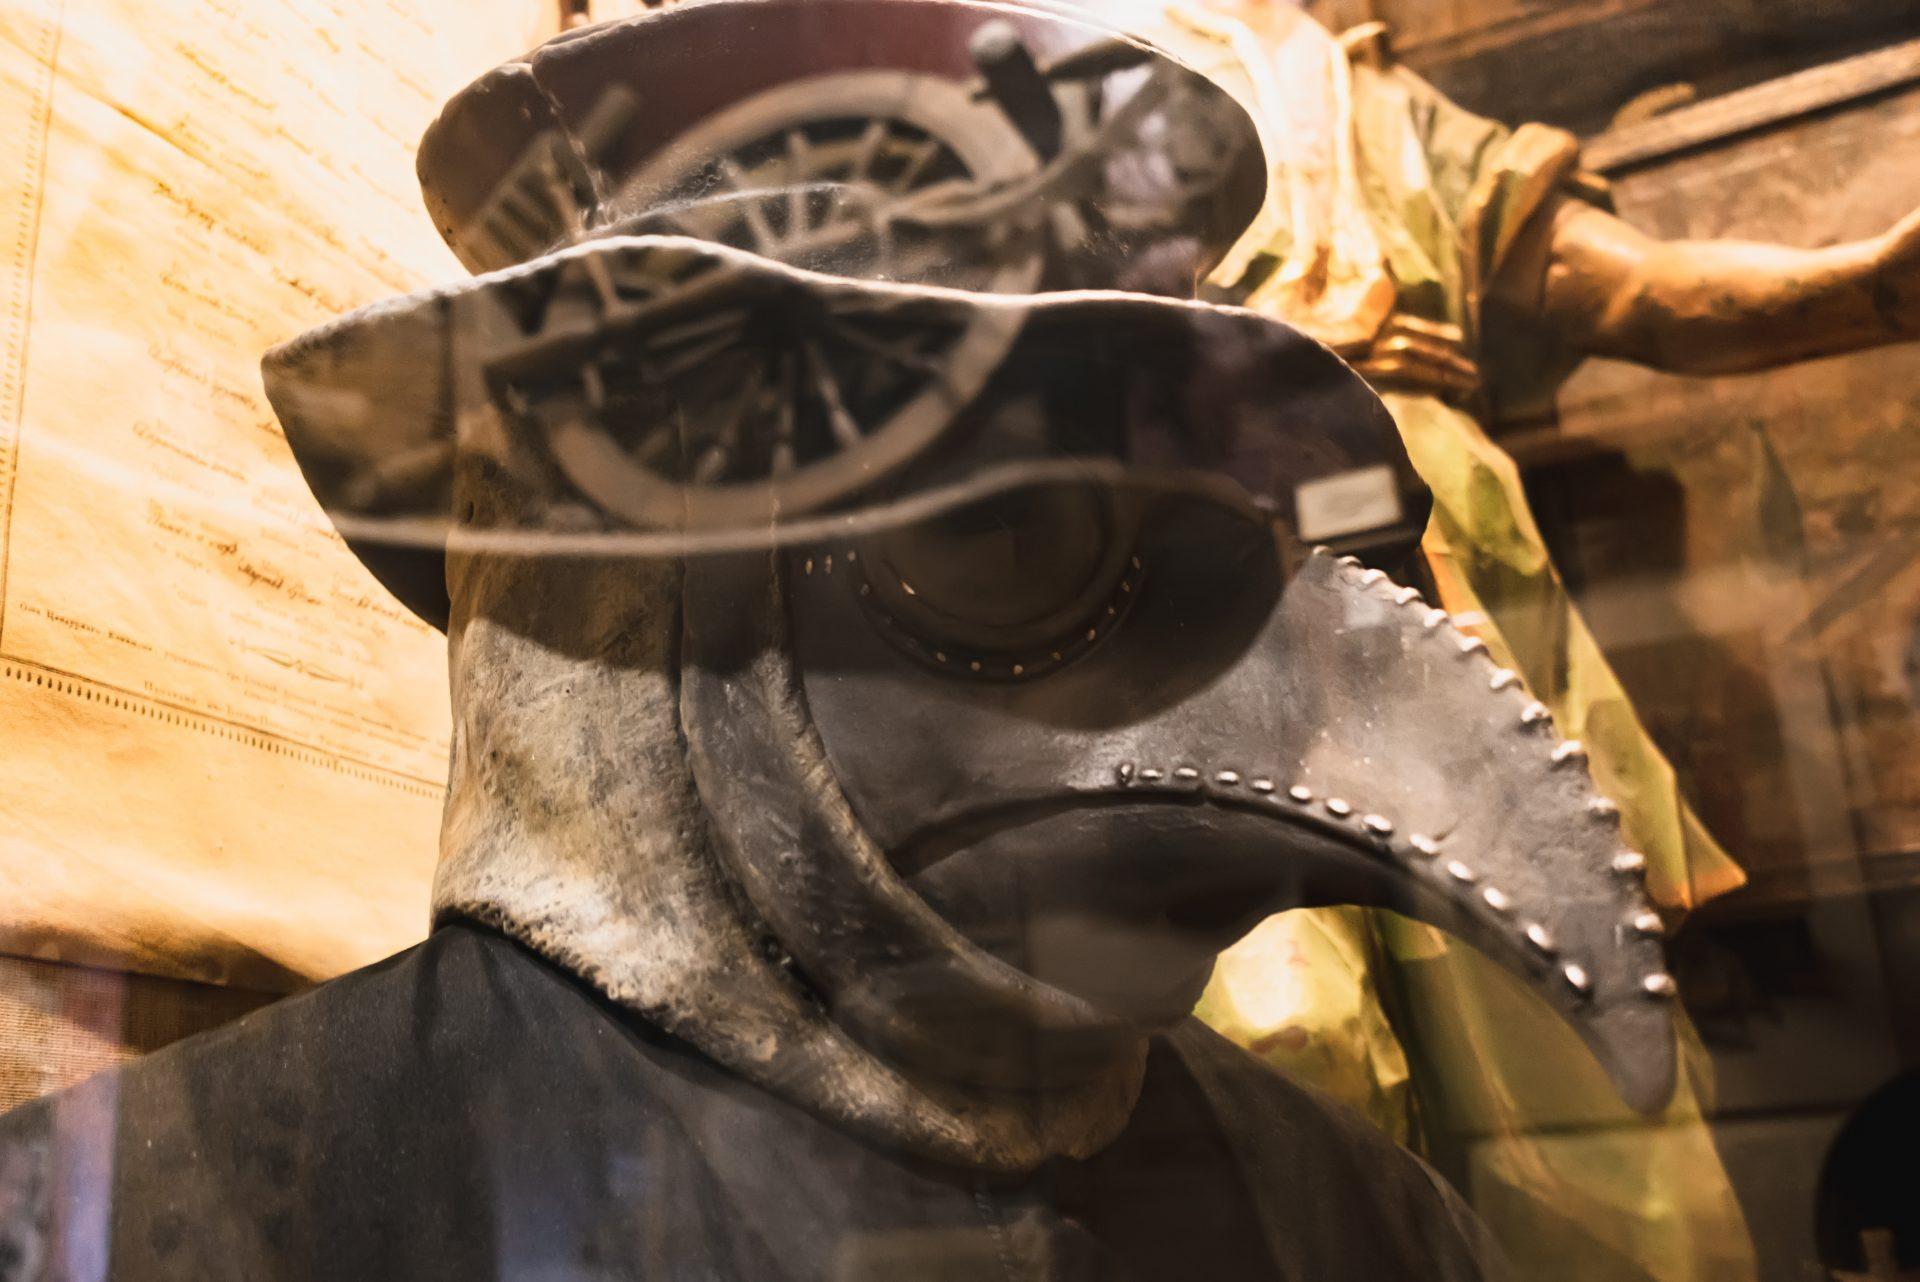 Maske mit Schnabel – Schutzbekleidung aus dem Mittelalter bei Pestausbruch in Grindelwald